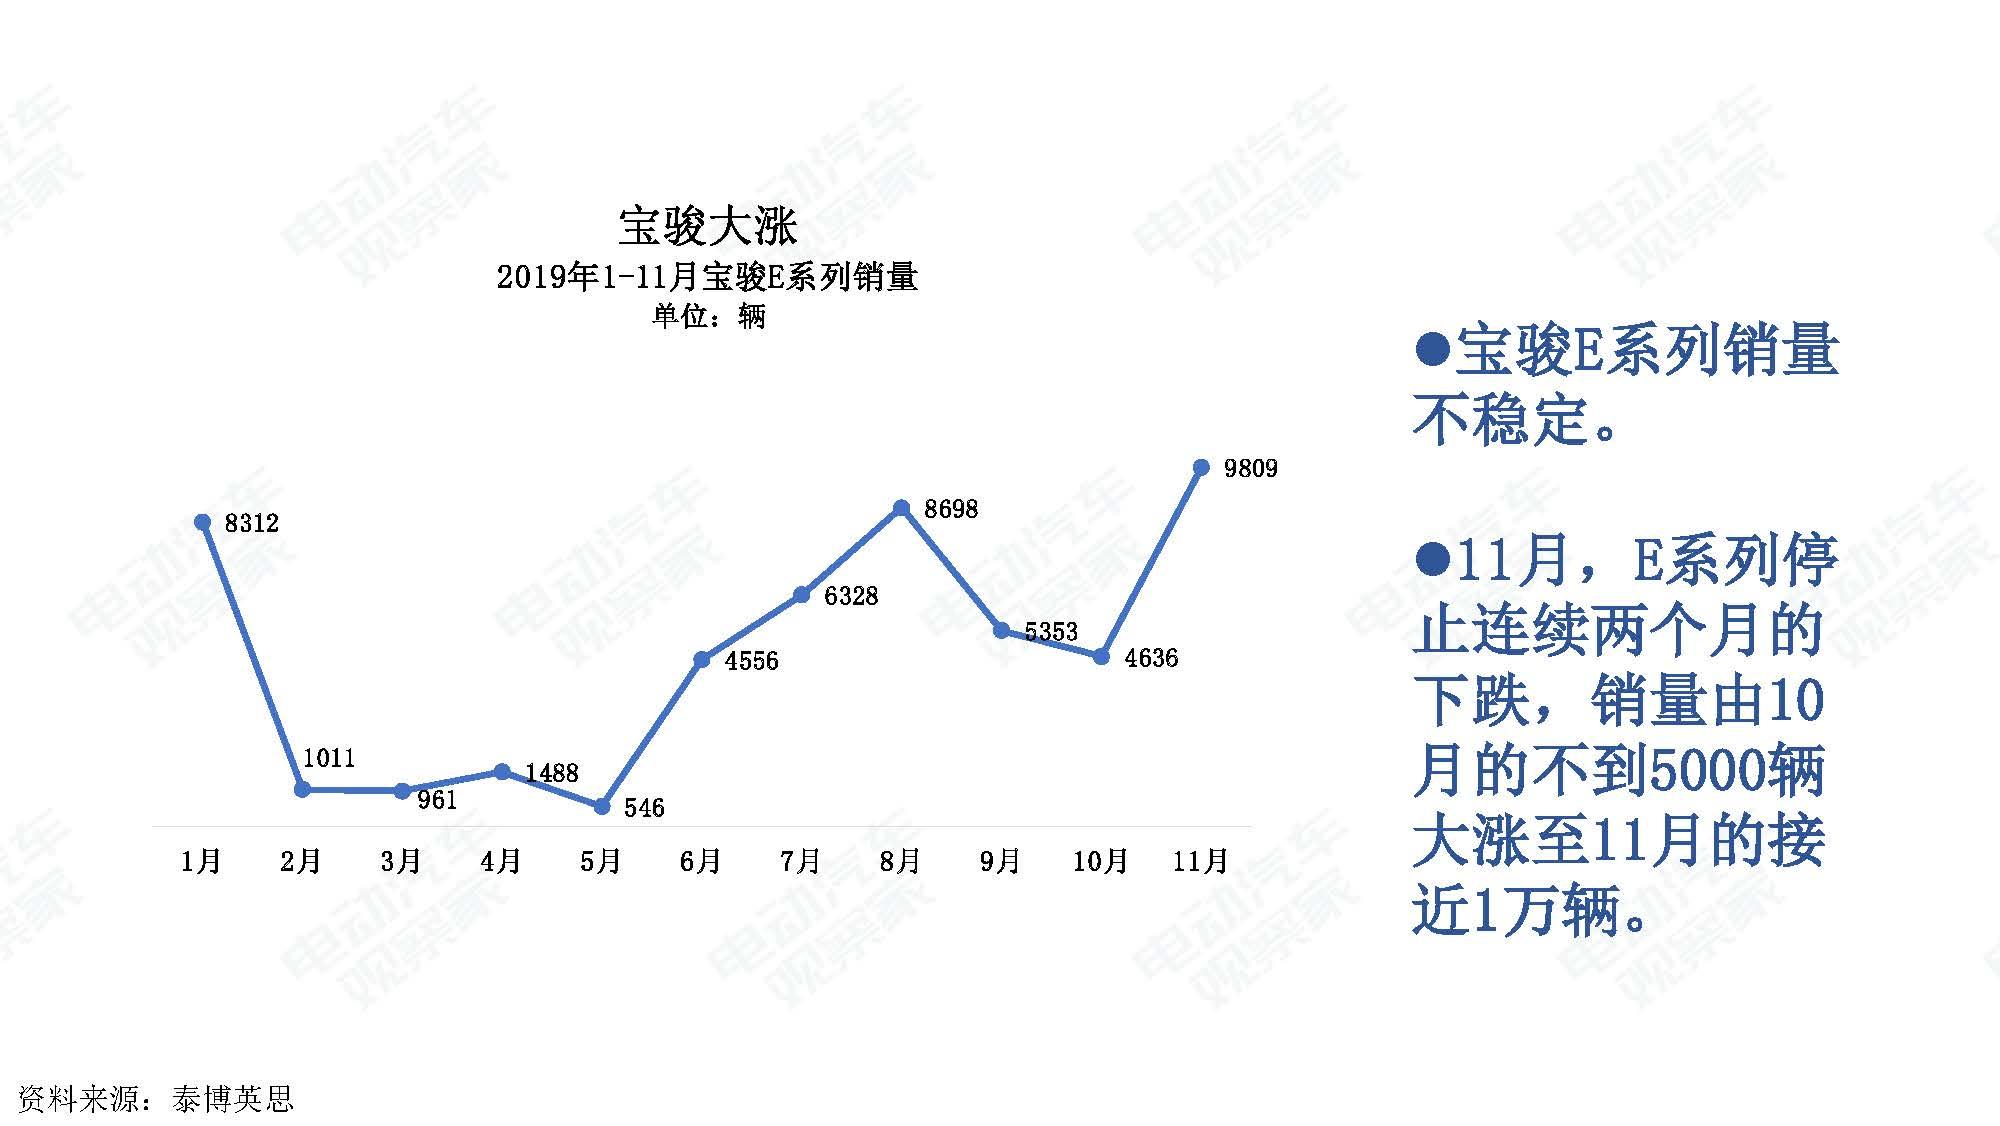 2019年11月中国新能源汽车产业观察_页面_016